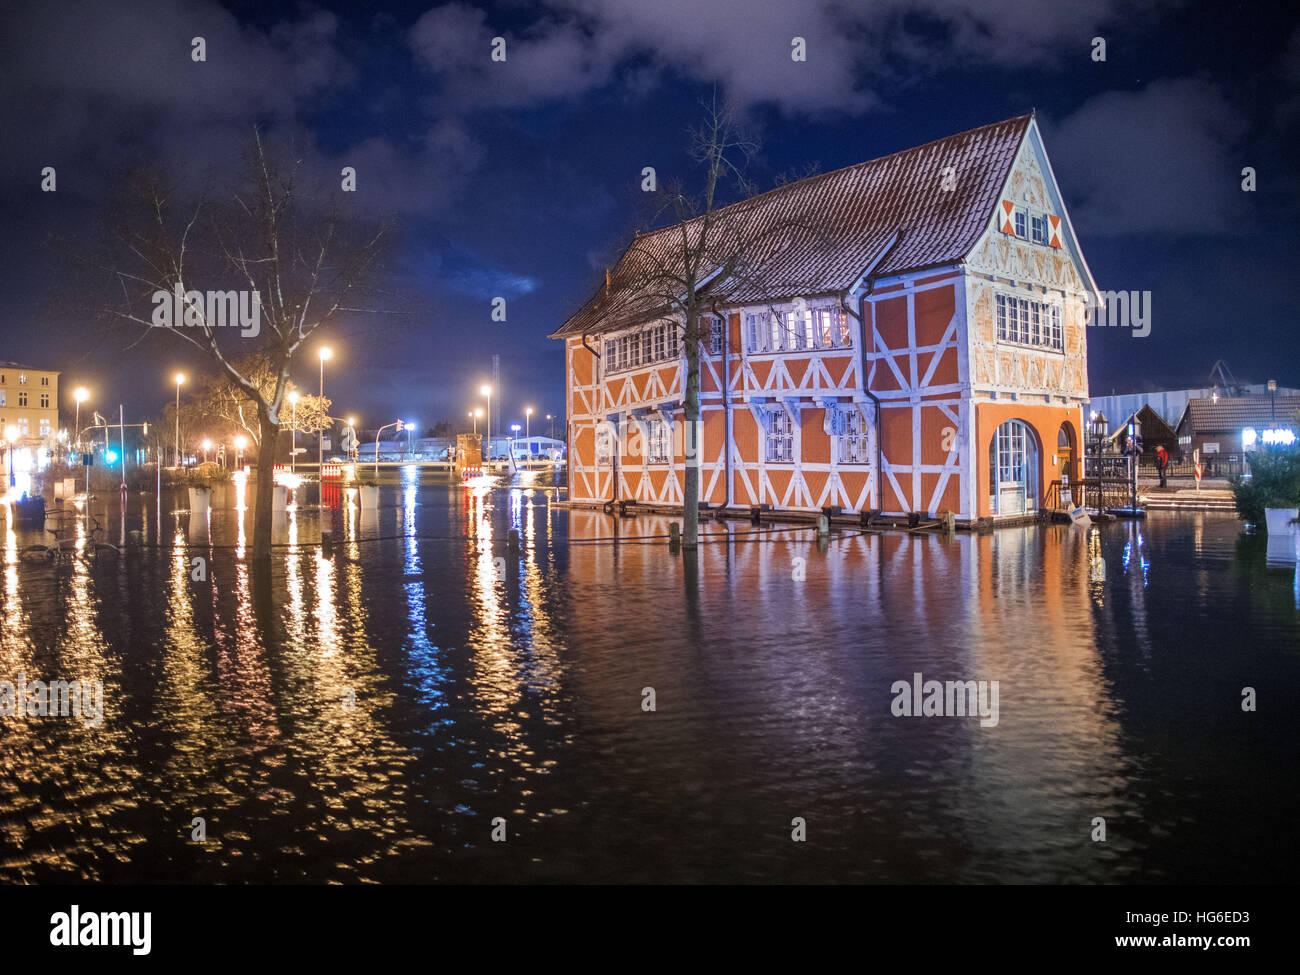 Un granaio storico di Wismar, Germania, 04 gennaio 2017. La Federal Maritime Idrografico e Agenzia (BSH) previsioni Foto Stock